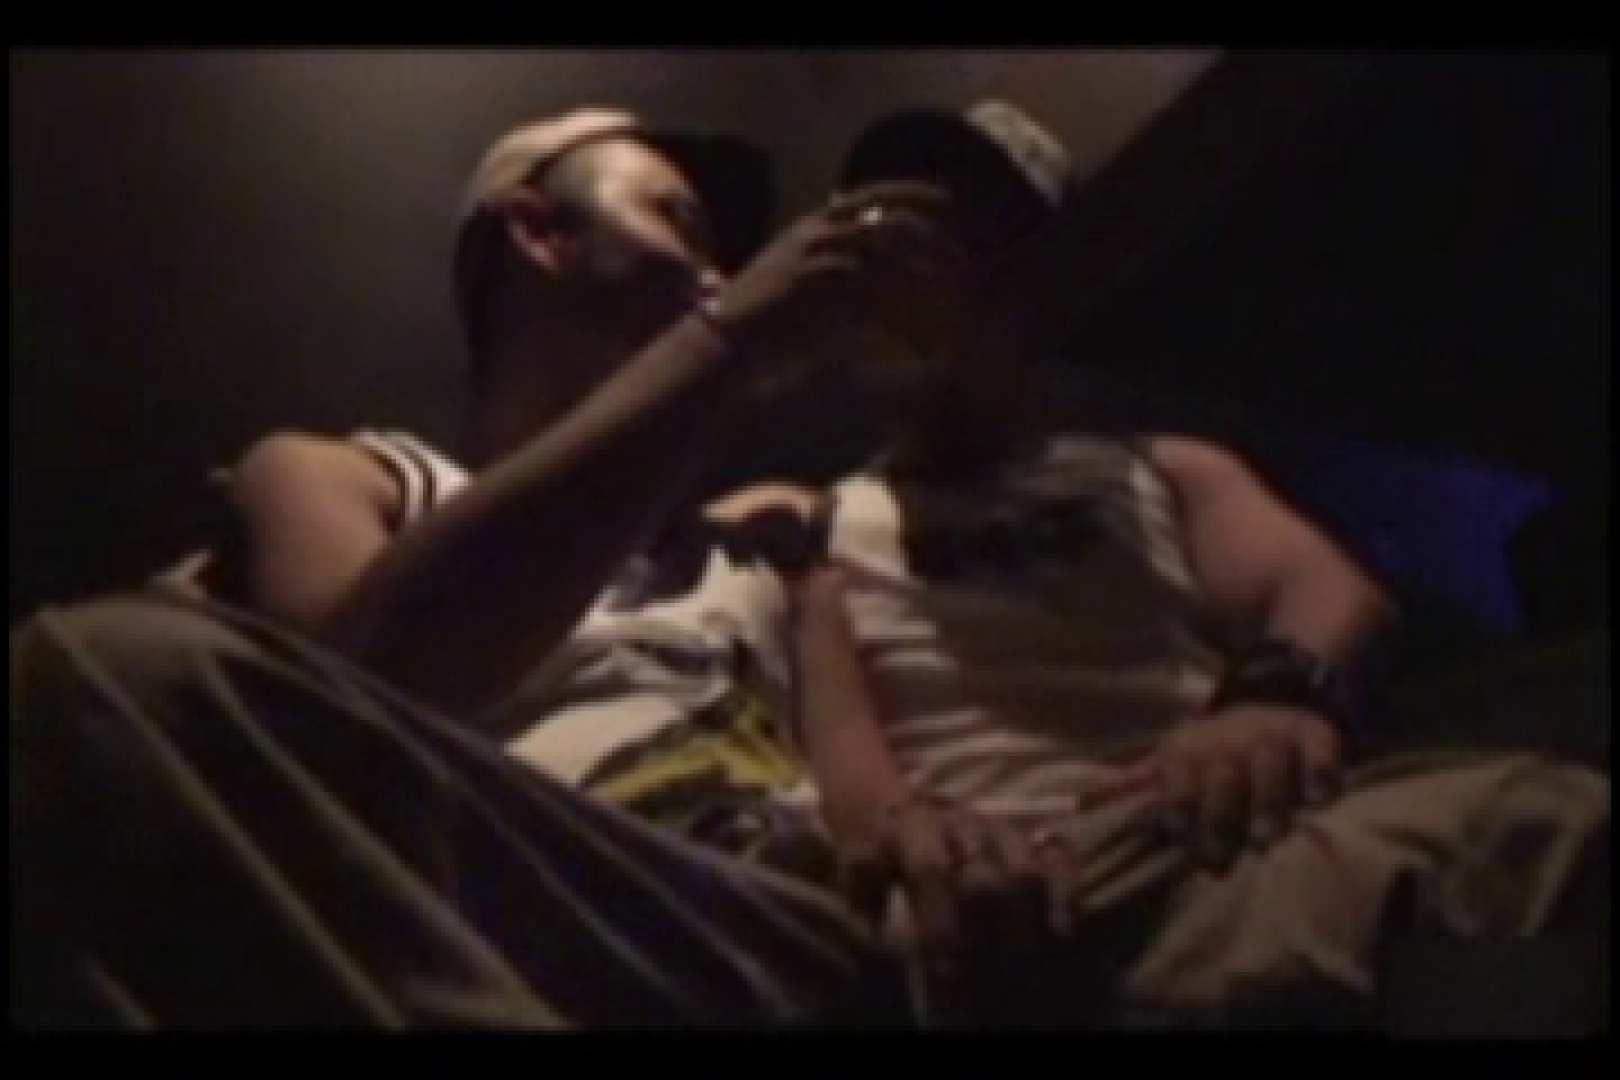 GayなDJのGay的LIFE!!その1 中出し | まじ生挿入 ゲイ無料エロ画像 107pic 31